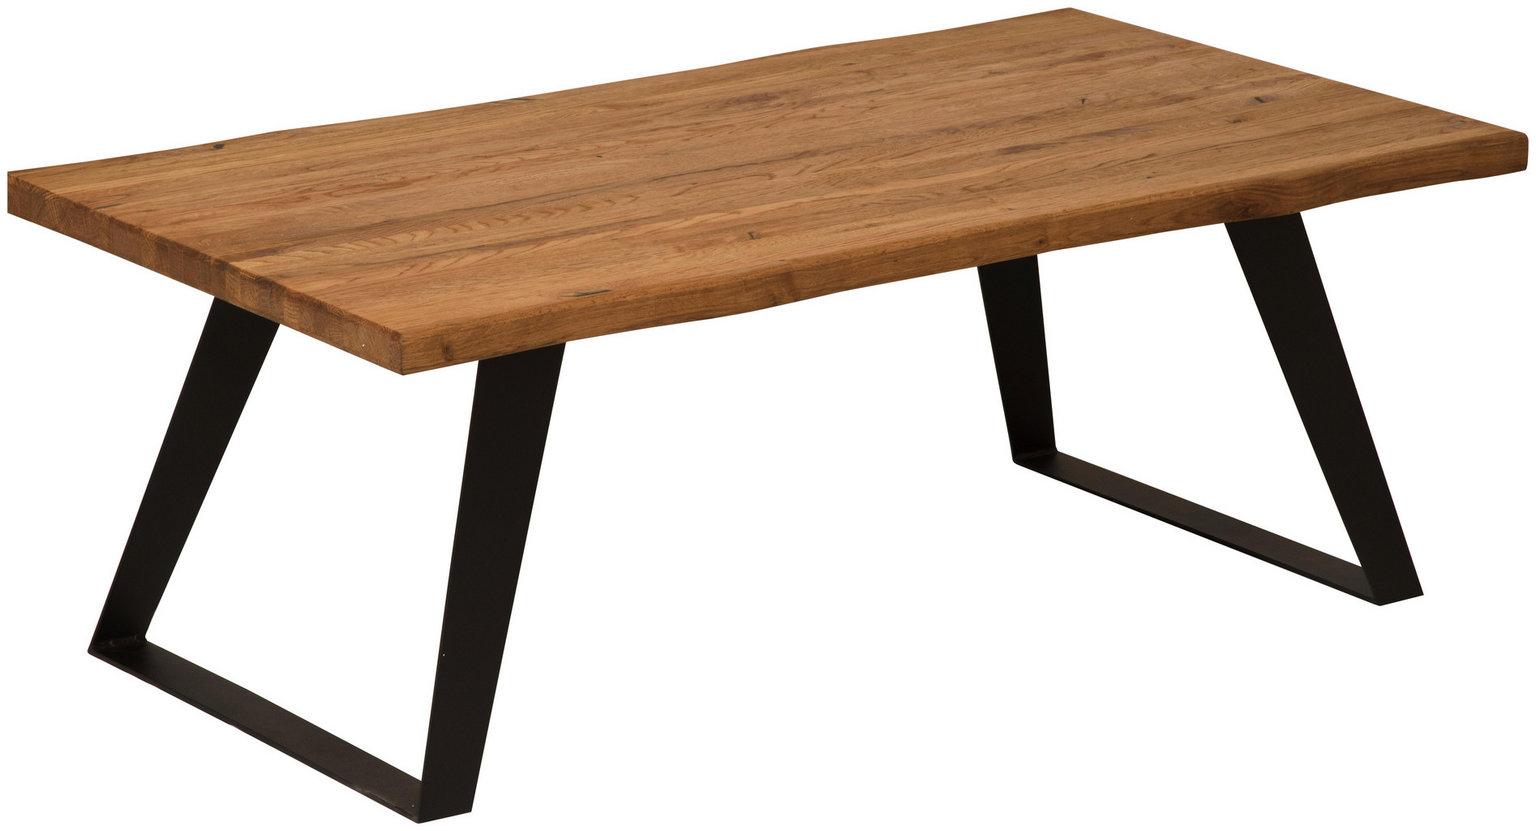 XXXLutz - Angebote des Monats (September) - zB viele Massiv-Holz Tische